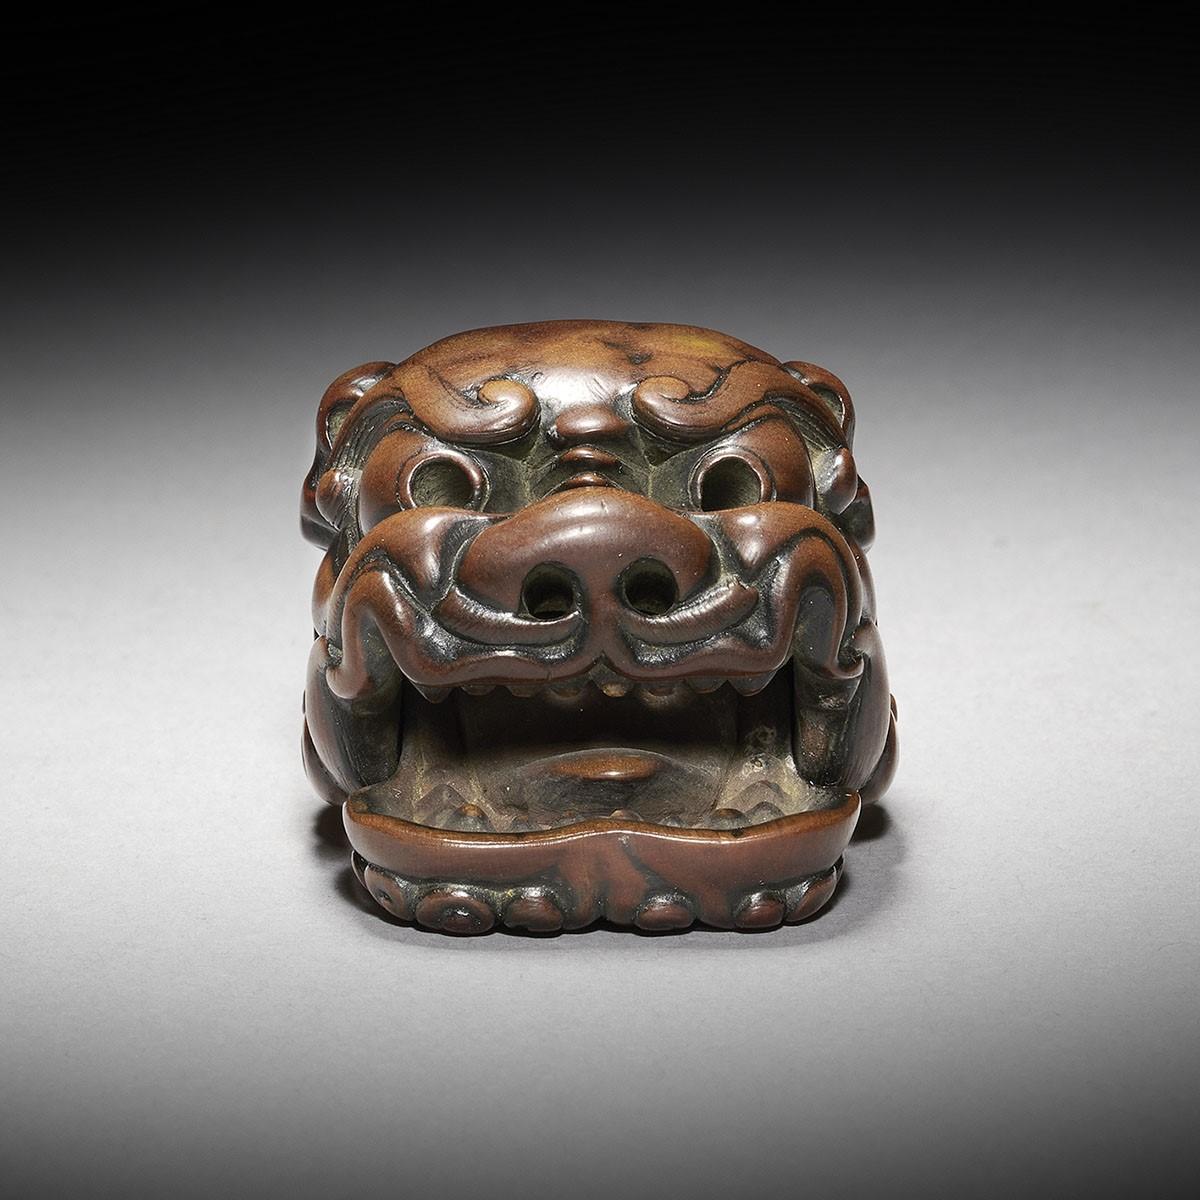 Netsuke Mask - Japanese works of art